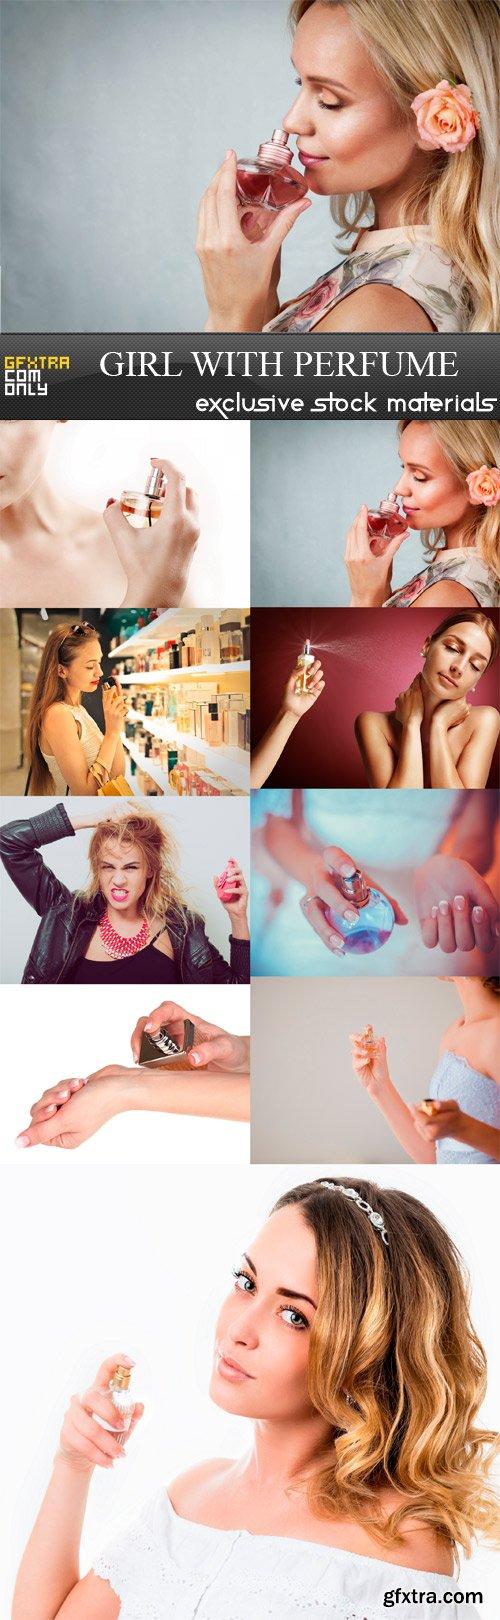 Girl With Perfume - 9 x JPEGs